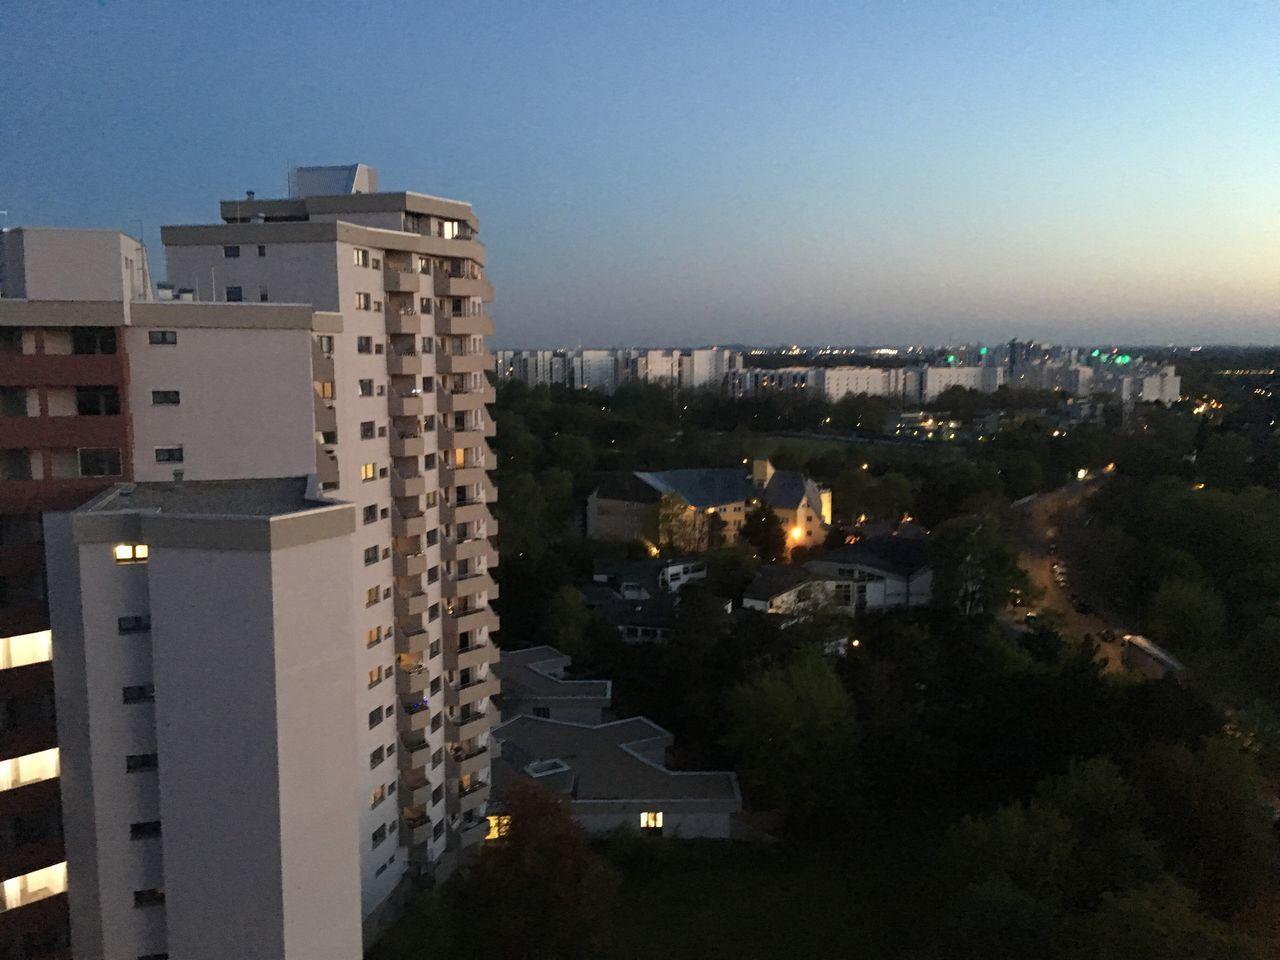 Mv Märkisches Viertel Skyscraper Plattenbau View From Above Night Lights